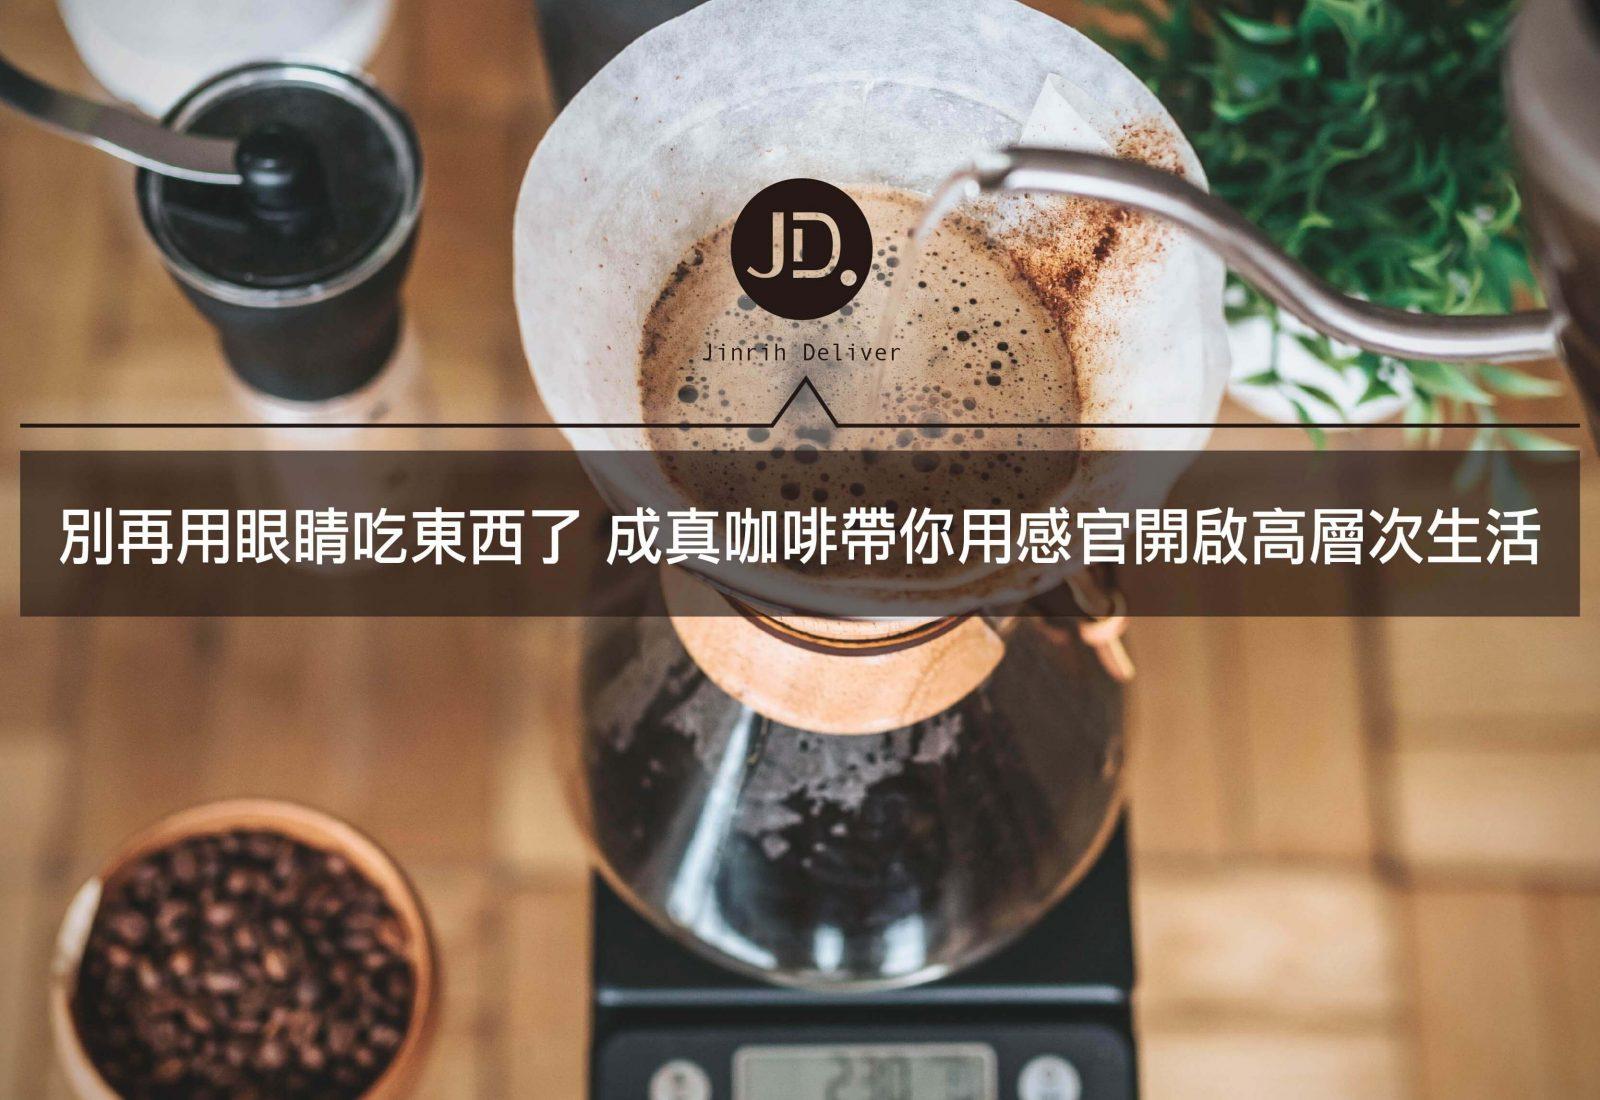 【品味生活】學會咖啡杯測 行家與你之間只有一線之隔